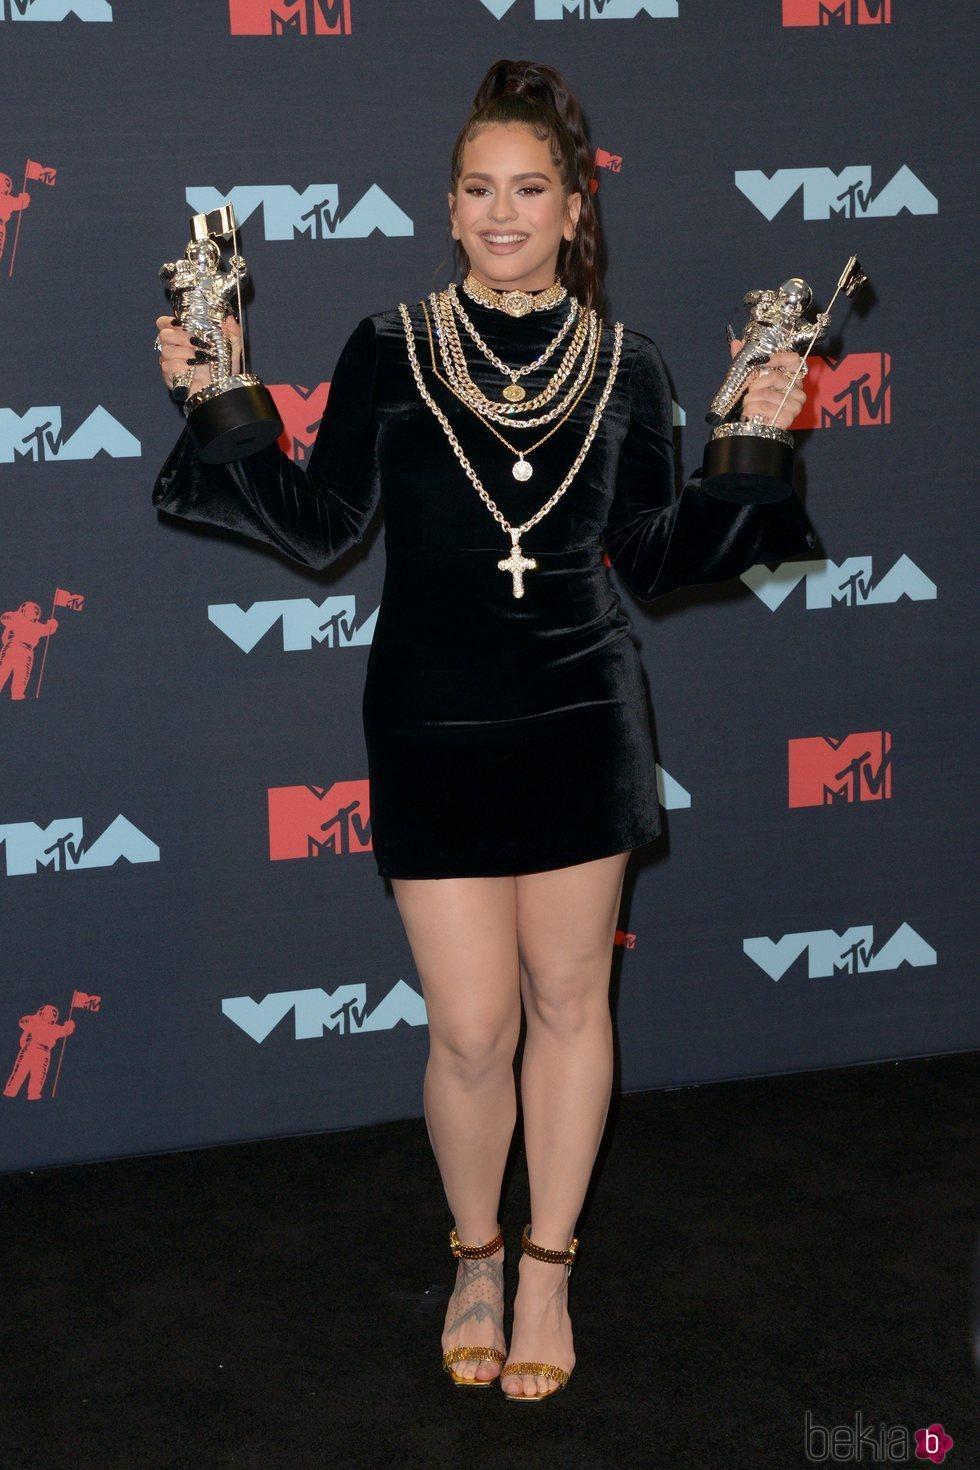 Rosalía posando con los dos galardones tras los MTV MVAs 2019